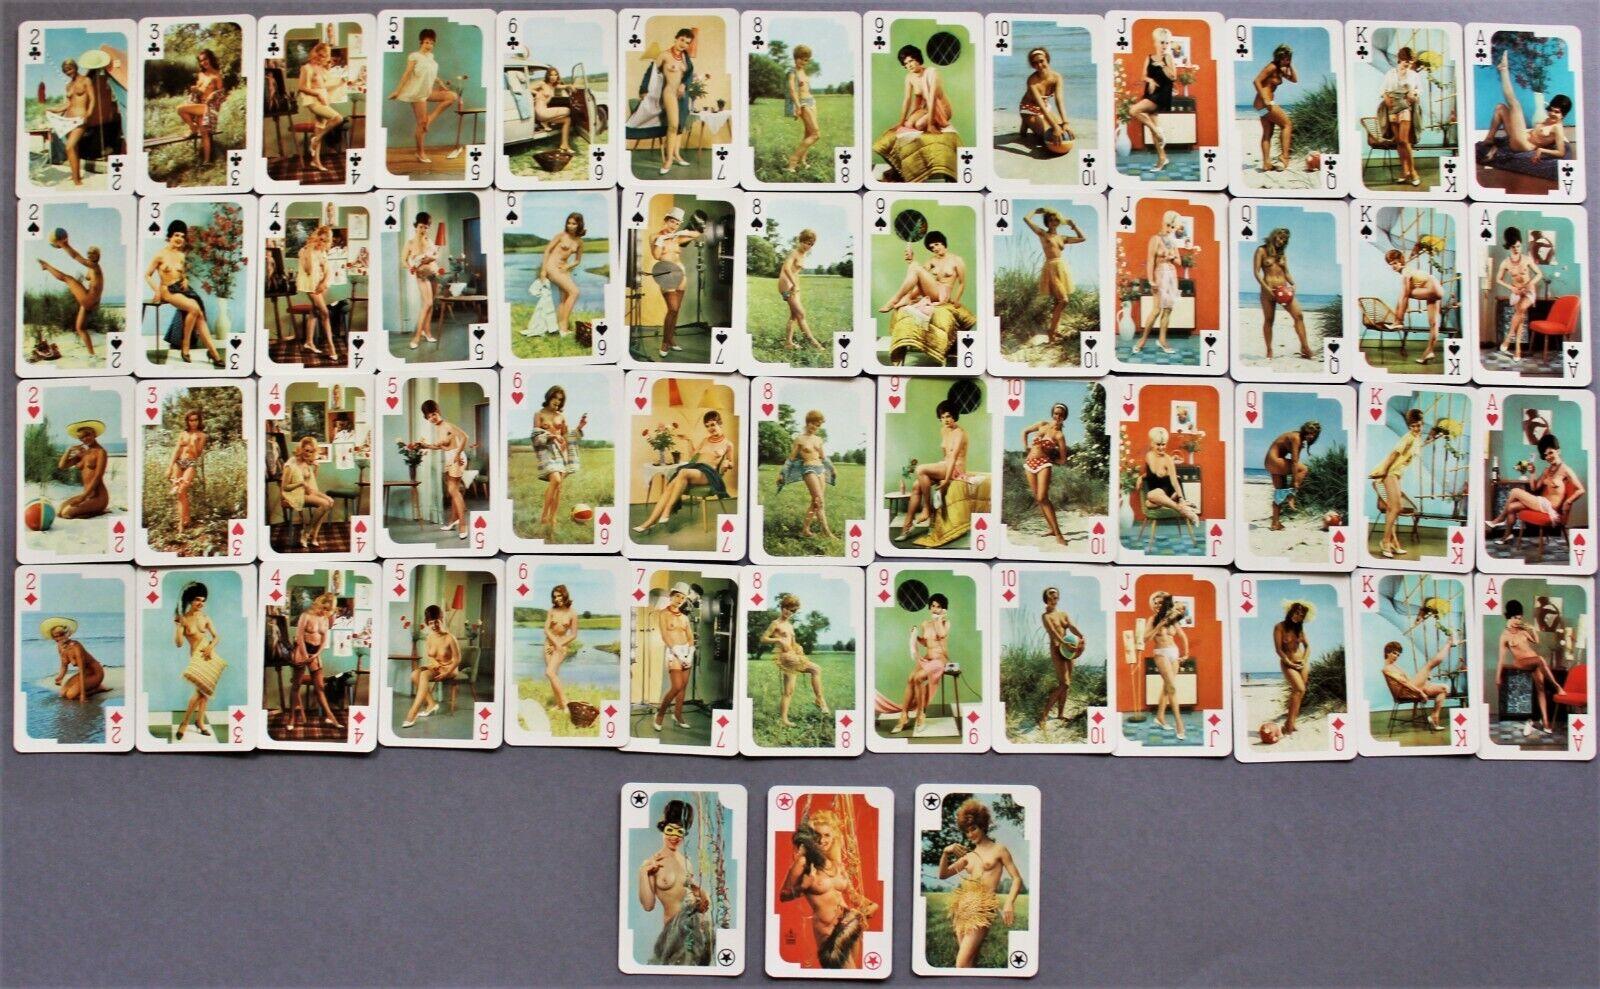 altes PinUp Erotik Kartenspiel 522 1970er Jahre, playing cards